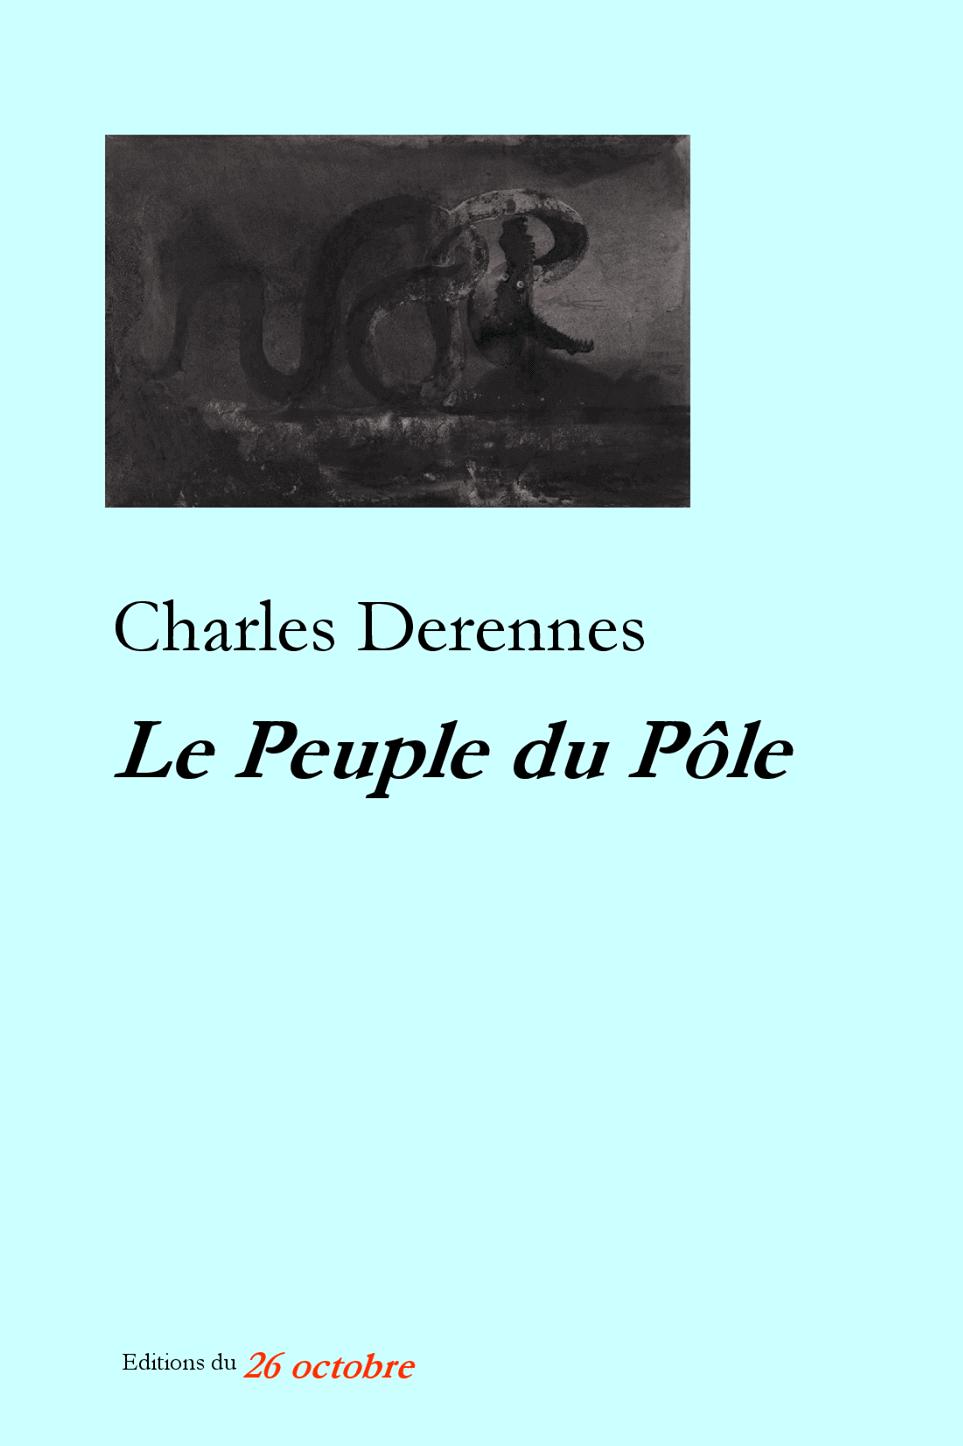 Le Peuple du Pôle de Charles Derennes.